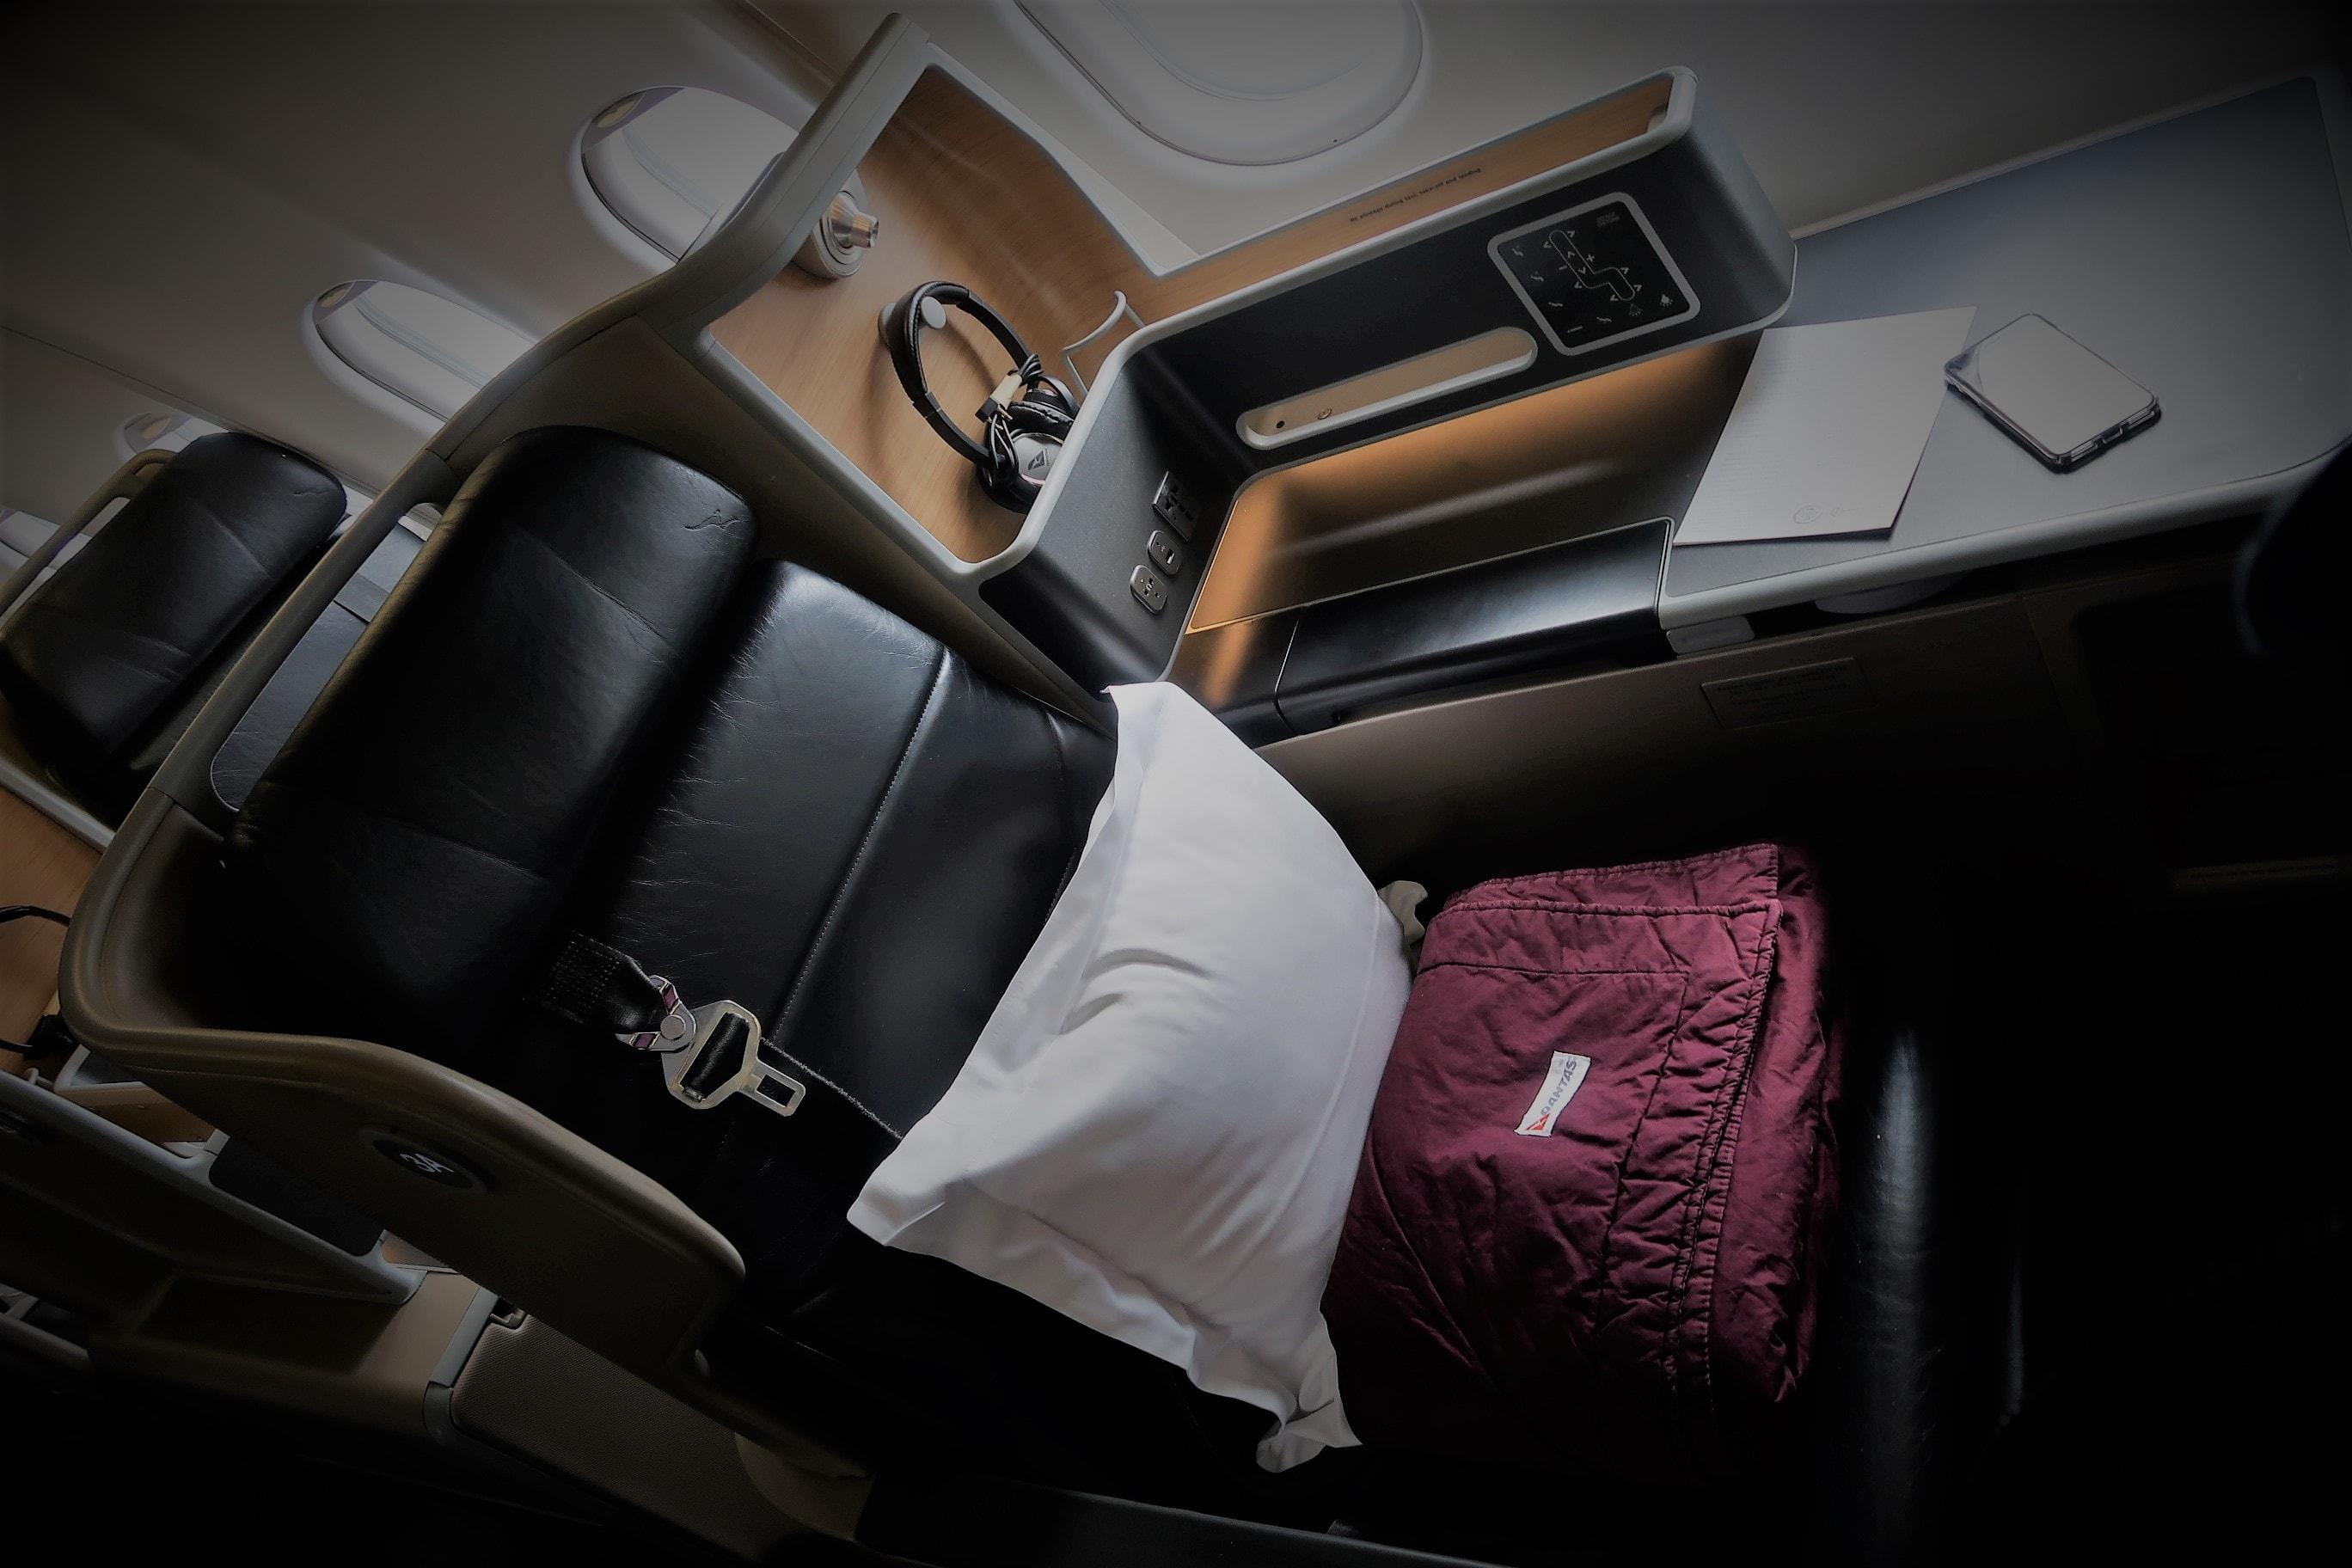 Qantas A330 business class review